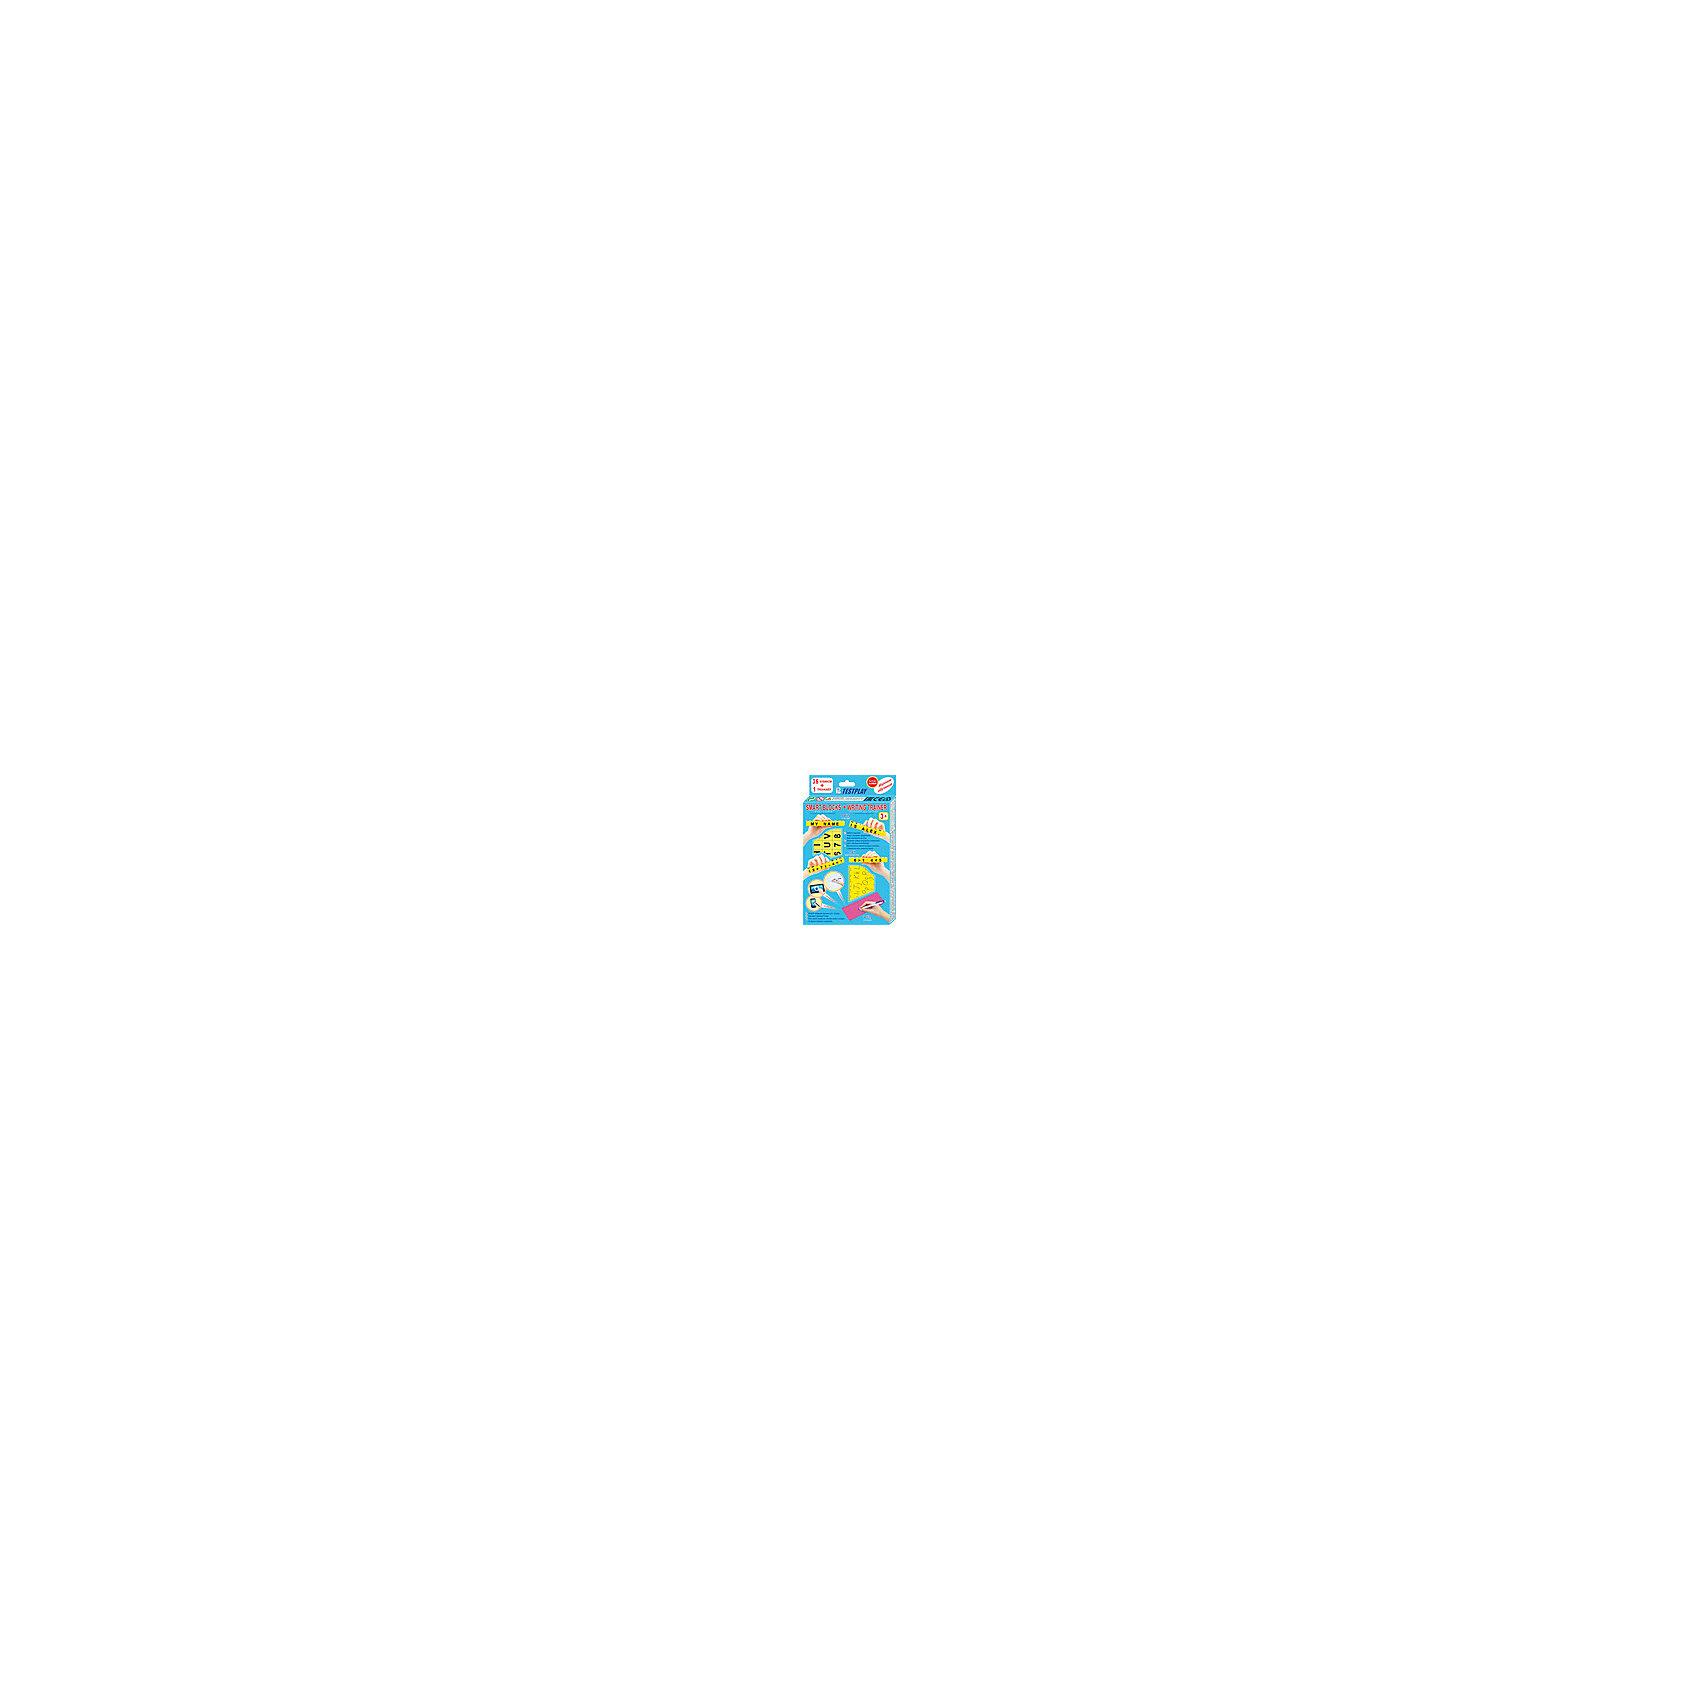 """Умные кубики+тренажер для письма,английский языкВ состав набора входит два учебных пособия: «Умные кубики» для обучения математике, английскому алфавиту и чтению, а также «Тренажер для письма» для тренировки написания букв английского алфавита. Пособие «Умные кубики» представляет собой набор из 36 кубиков, на гранях которых написаны буквы английского алфавита, знаки препинания, цифры и знаки математических действий. Благодаря специальной конструкции (выступ с одной стороны и отверстие с другой), кубики могут скрепляться между собой. Кубики можно скреплять только определенным способом, ребенок не сможет расположить их неправильно (зеркально или к верх ногами), что важно на этапе обучения, чтобы не сформировались неправильные представления о буквах и цифрах. Количество букв, цифр и знаков на гранях кубиков выбрано с учетом частоты их использования и позволяет составлять достаточно сложные слова, предложения и примеры. При составлении слов из Умных кубиков задействуются сразу несколько каналов восприятия информации: зрительный и кинестетический (сенсорный), что способствует лучшему запоминанию. При использовании кубиков для обучения математике можно не только составлять примеры, но и дать представление о длине отрезков, площади и объеме предметов. Тренажер для письма TESTPLAY представляет собой пластмассовую пластину, на обе стороны которой в виде сенсорных дорожек с рельефным дном нанесены буквы английского алфавита строчные и заглавные, печатные и письменные, а также элементы букв. Ребенок ставит ручку на дорожку и обводит букву прямо на пластине. Буквы воспринимаются ребенком в виде """"считываемых"""" с рельефной дорожки сенсорных и звуковых сигналов. Работа с тренажером для письма TESTPLAY ускоряет овладение письмом в 2,5 — 3 раза по сравнению с технологией механического переписывания букв из традиционных прописей в тетрадь.<br><br>Дополнительная информация:<br><br>- В наборе: 36 кубиков, пластина-тренажер для письма<br>- Размер кубика: 1,5х1,5х1,5 см.<br>- Материал: пл"""